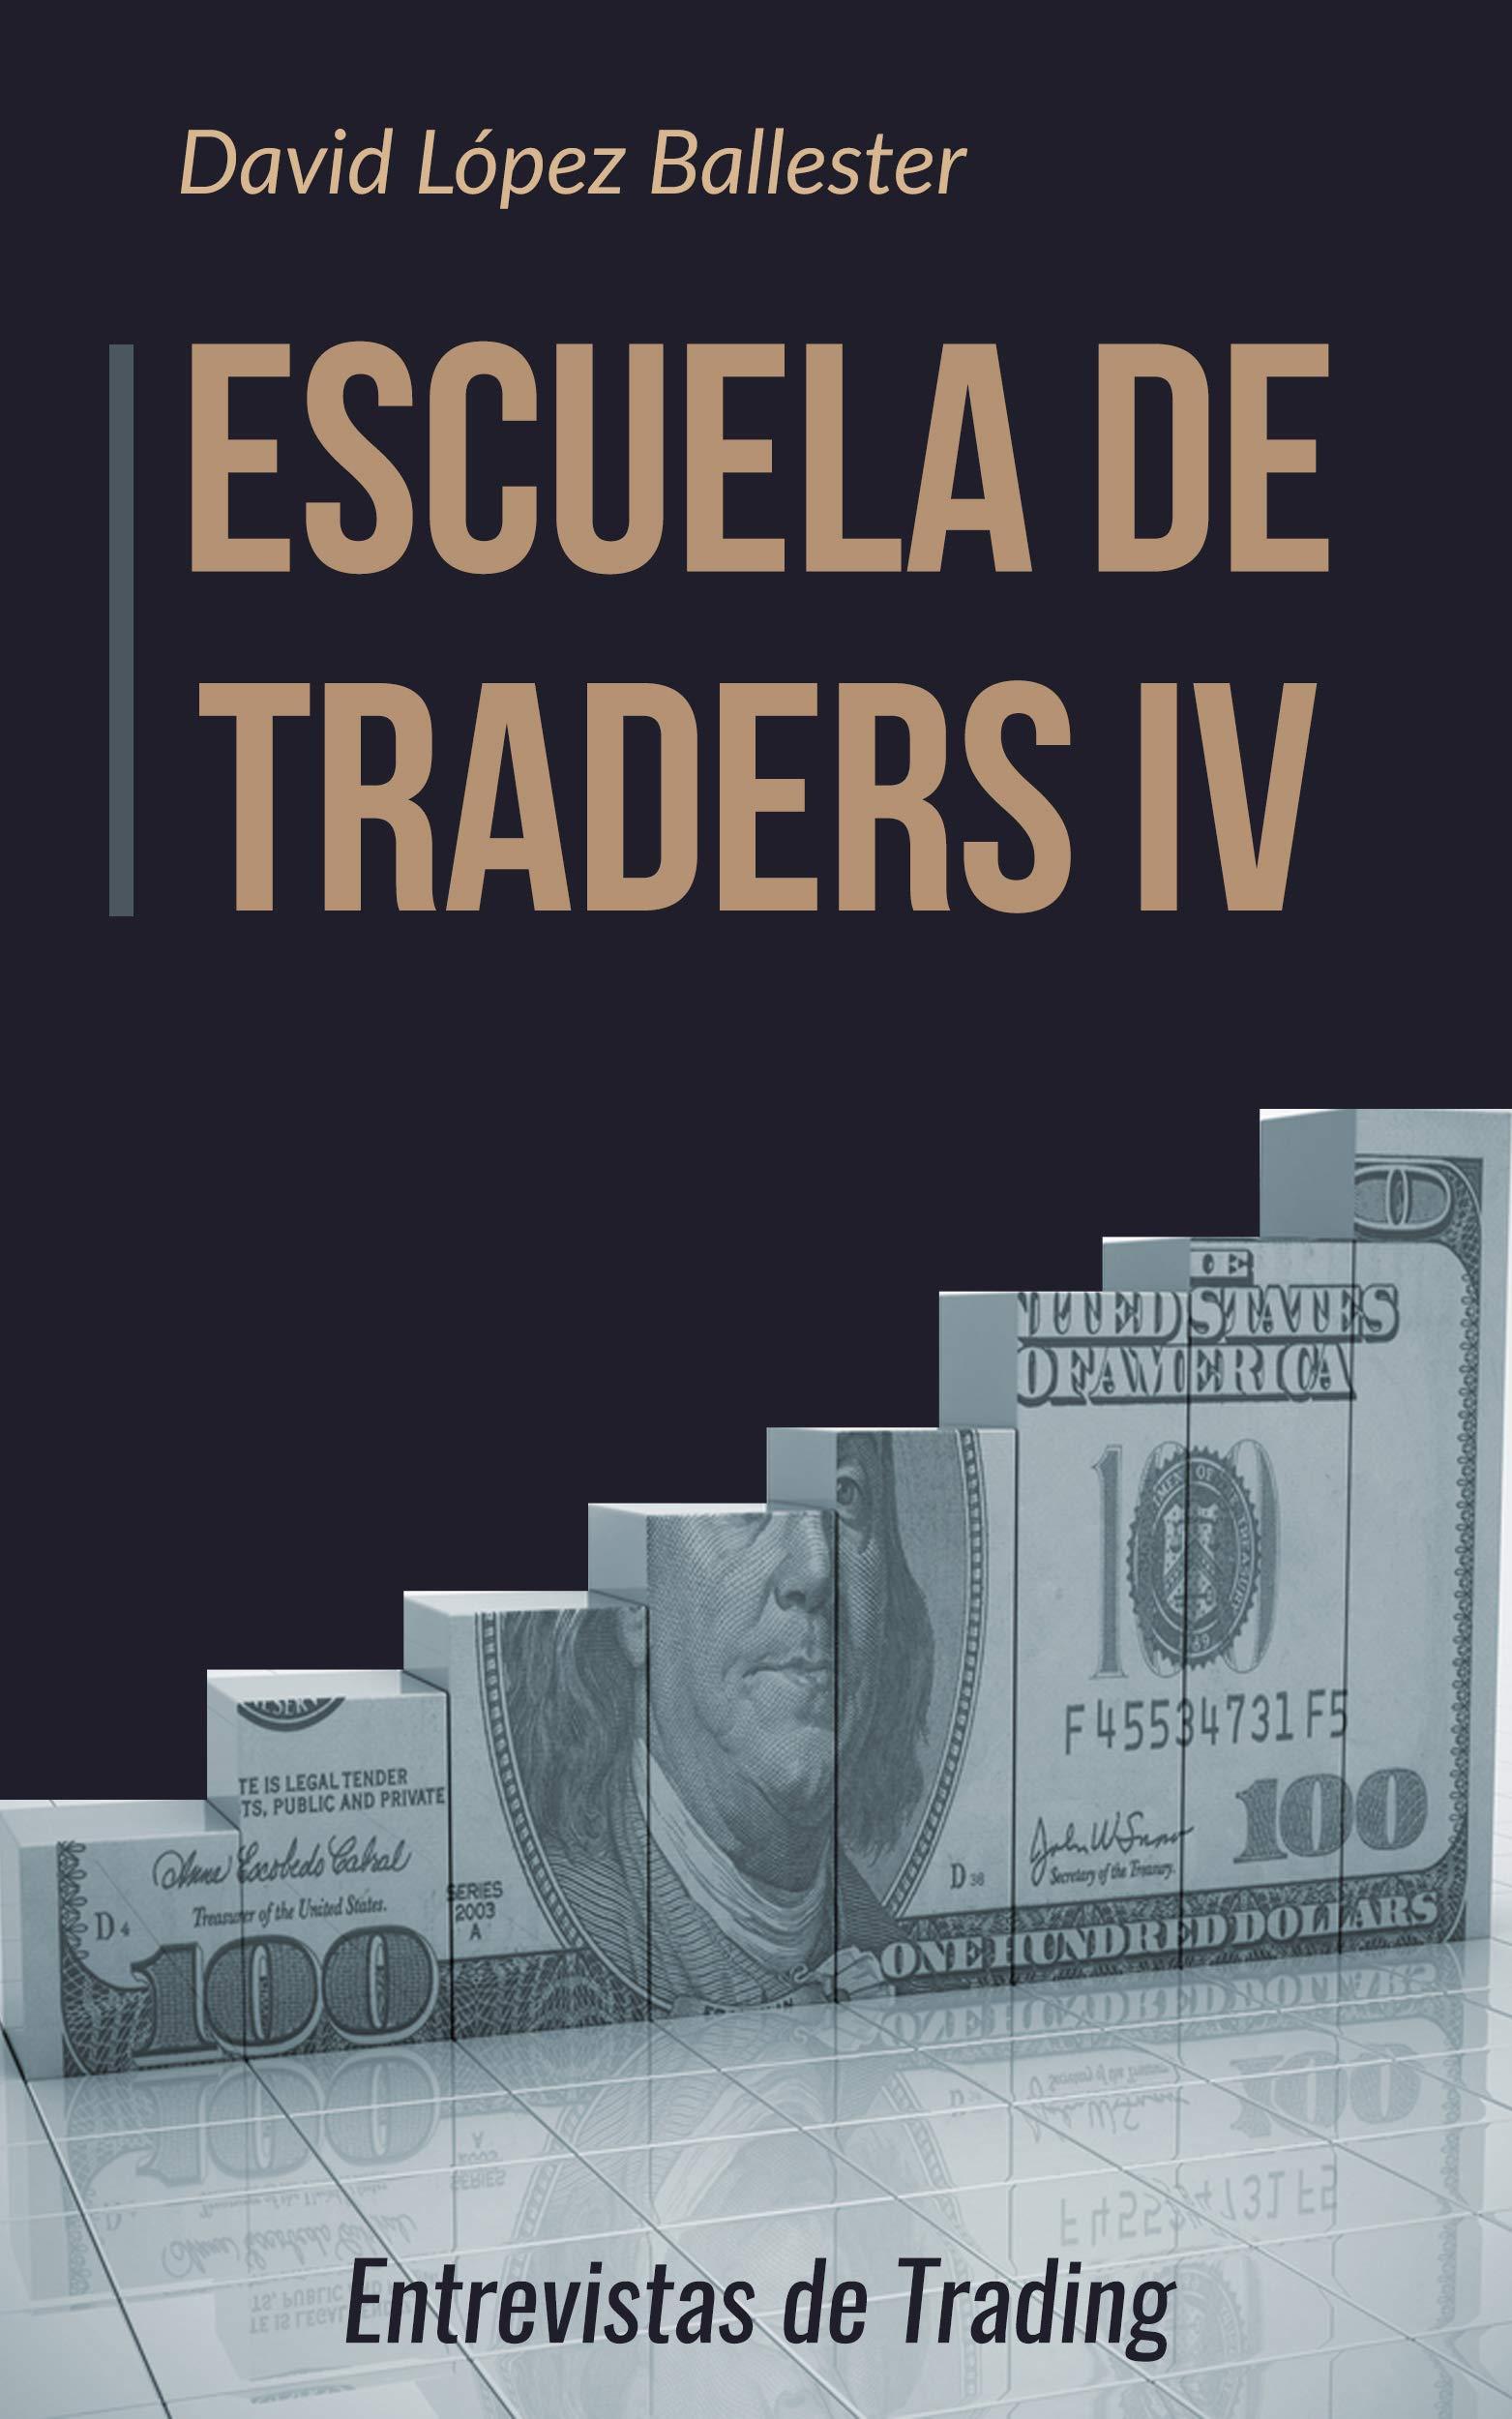 Escuela de Traders IV: Entrevistas de Trading por David López Ballester